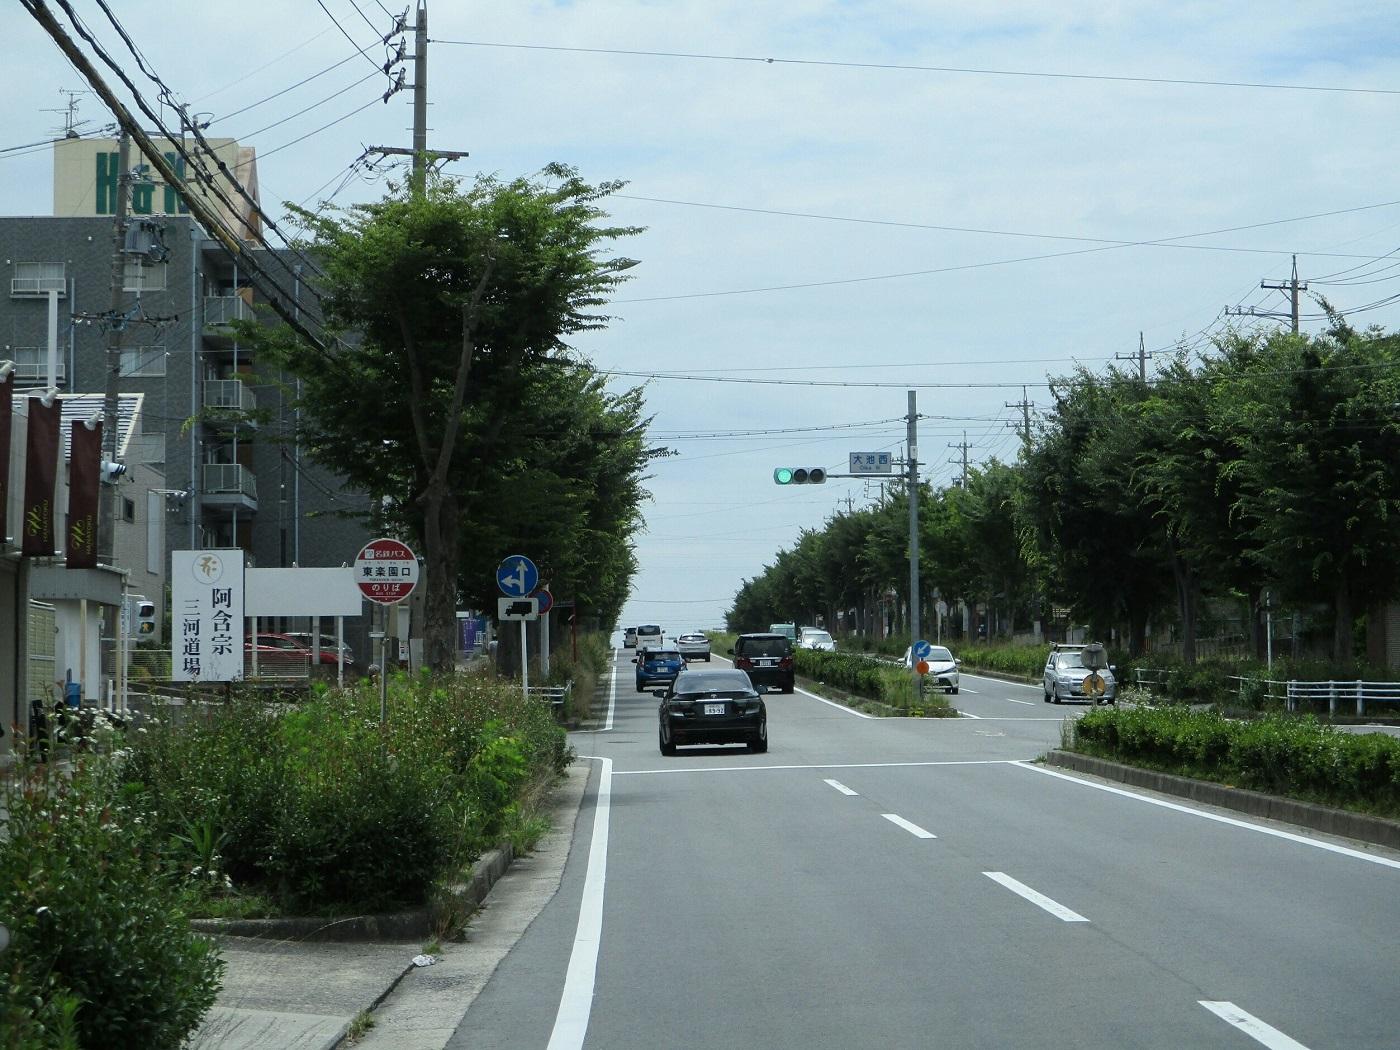 2018.6.19 (19) 美合駅いきバス - 東楽園口バス停 1400-1050